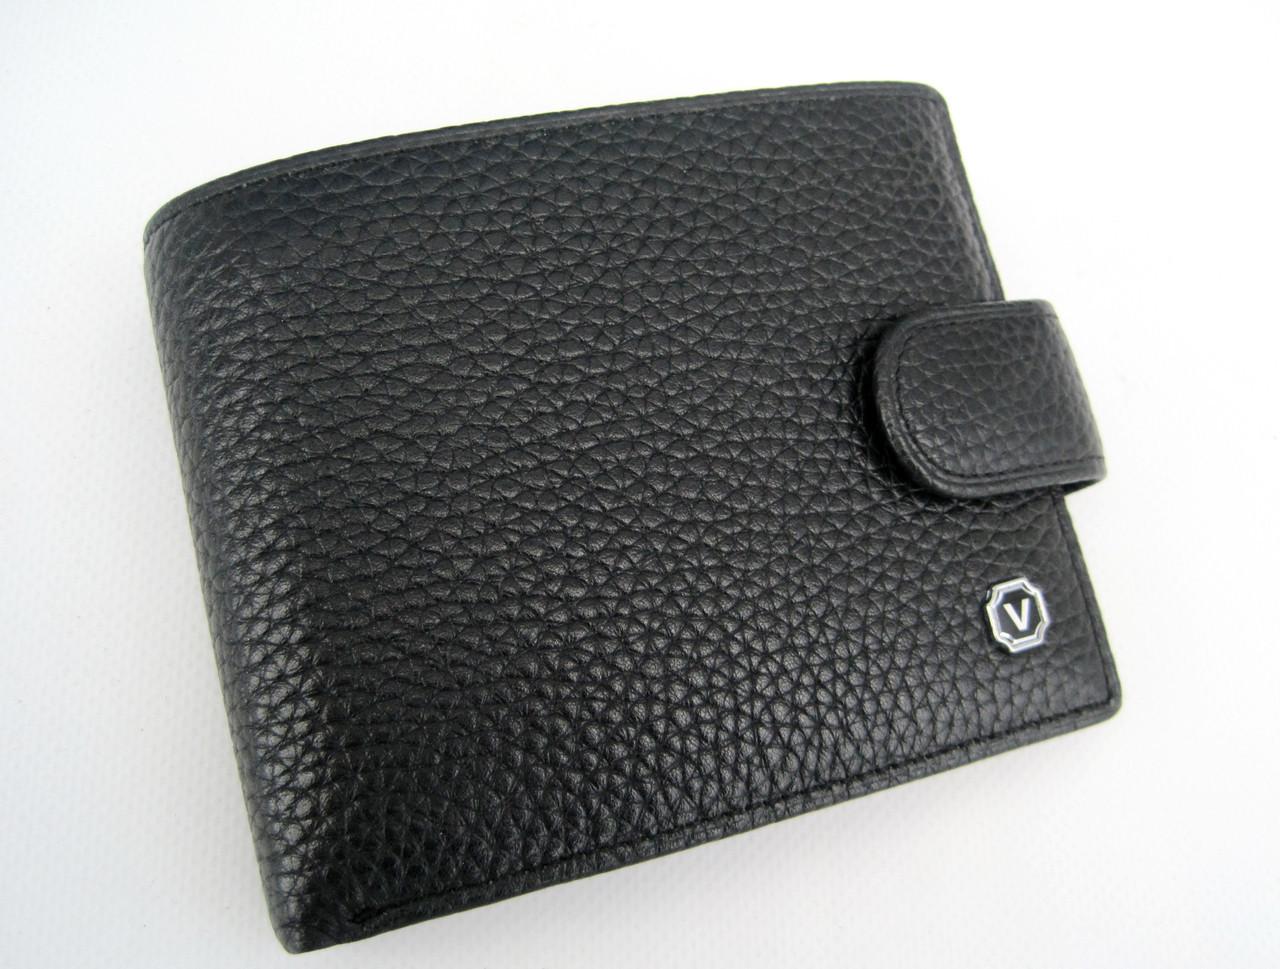 Чоловіче шкіряне портмоне VERITY V122-24 black шкіряне портмоне і шкіряні гаманці оптом